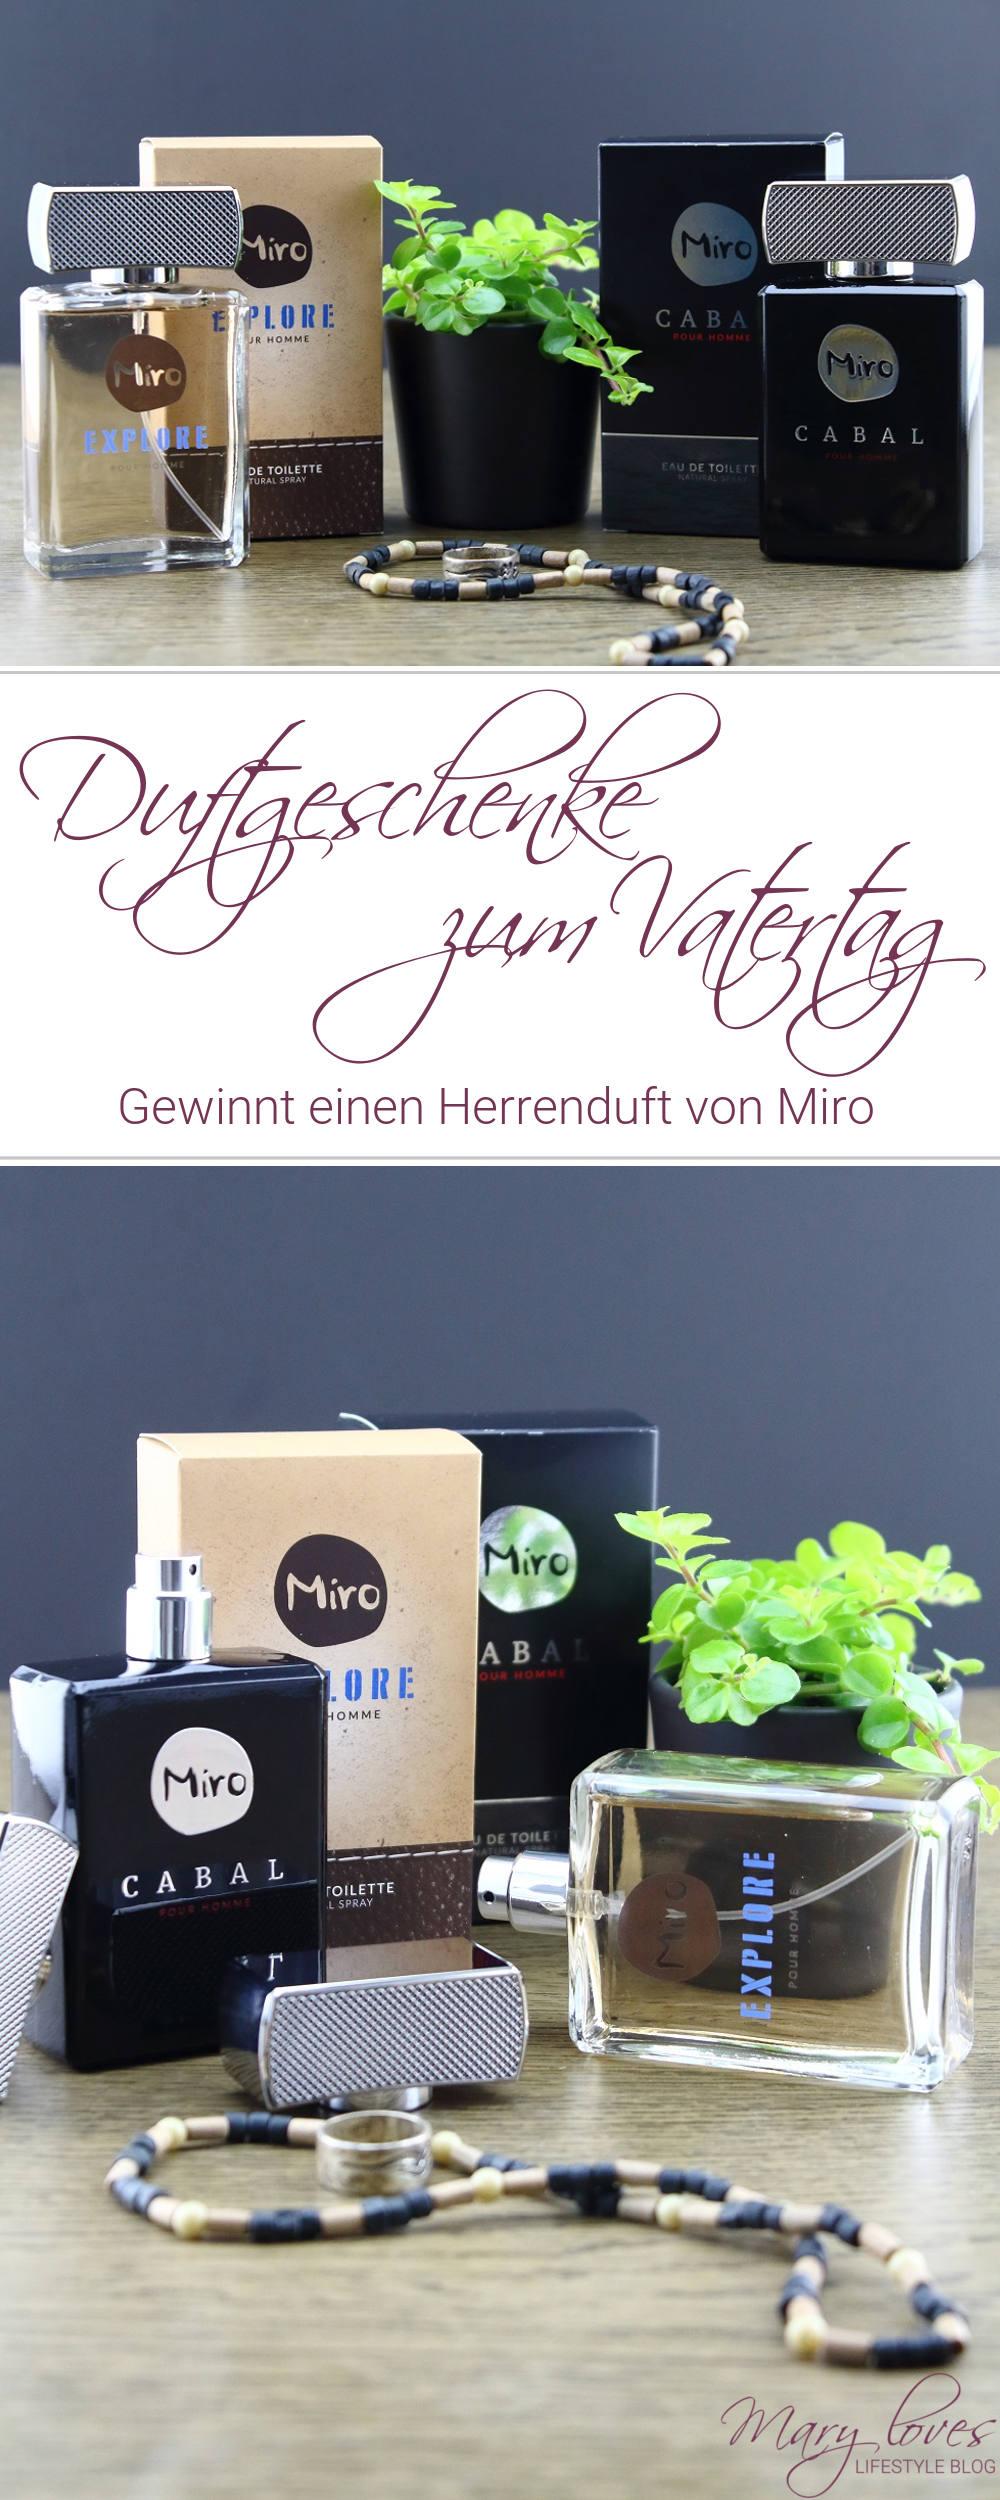 Miro Herrendüfte - Parfum zum Vatertag & Giveaway - Gewinnt einen Herrenduft von Miro zum Vatertag - Duftgeschenke für den Papa - Miro Cabal Pour Homme - Miro Explore Pour Homme